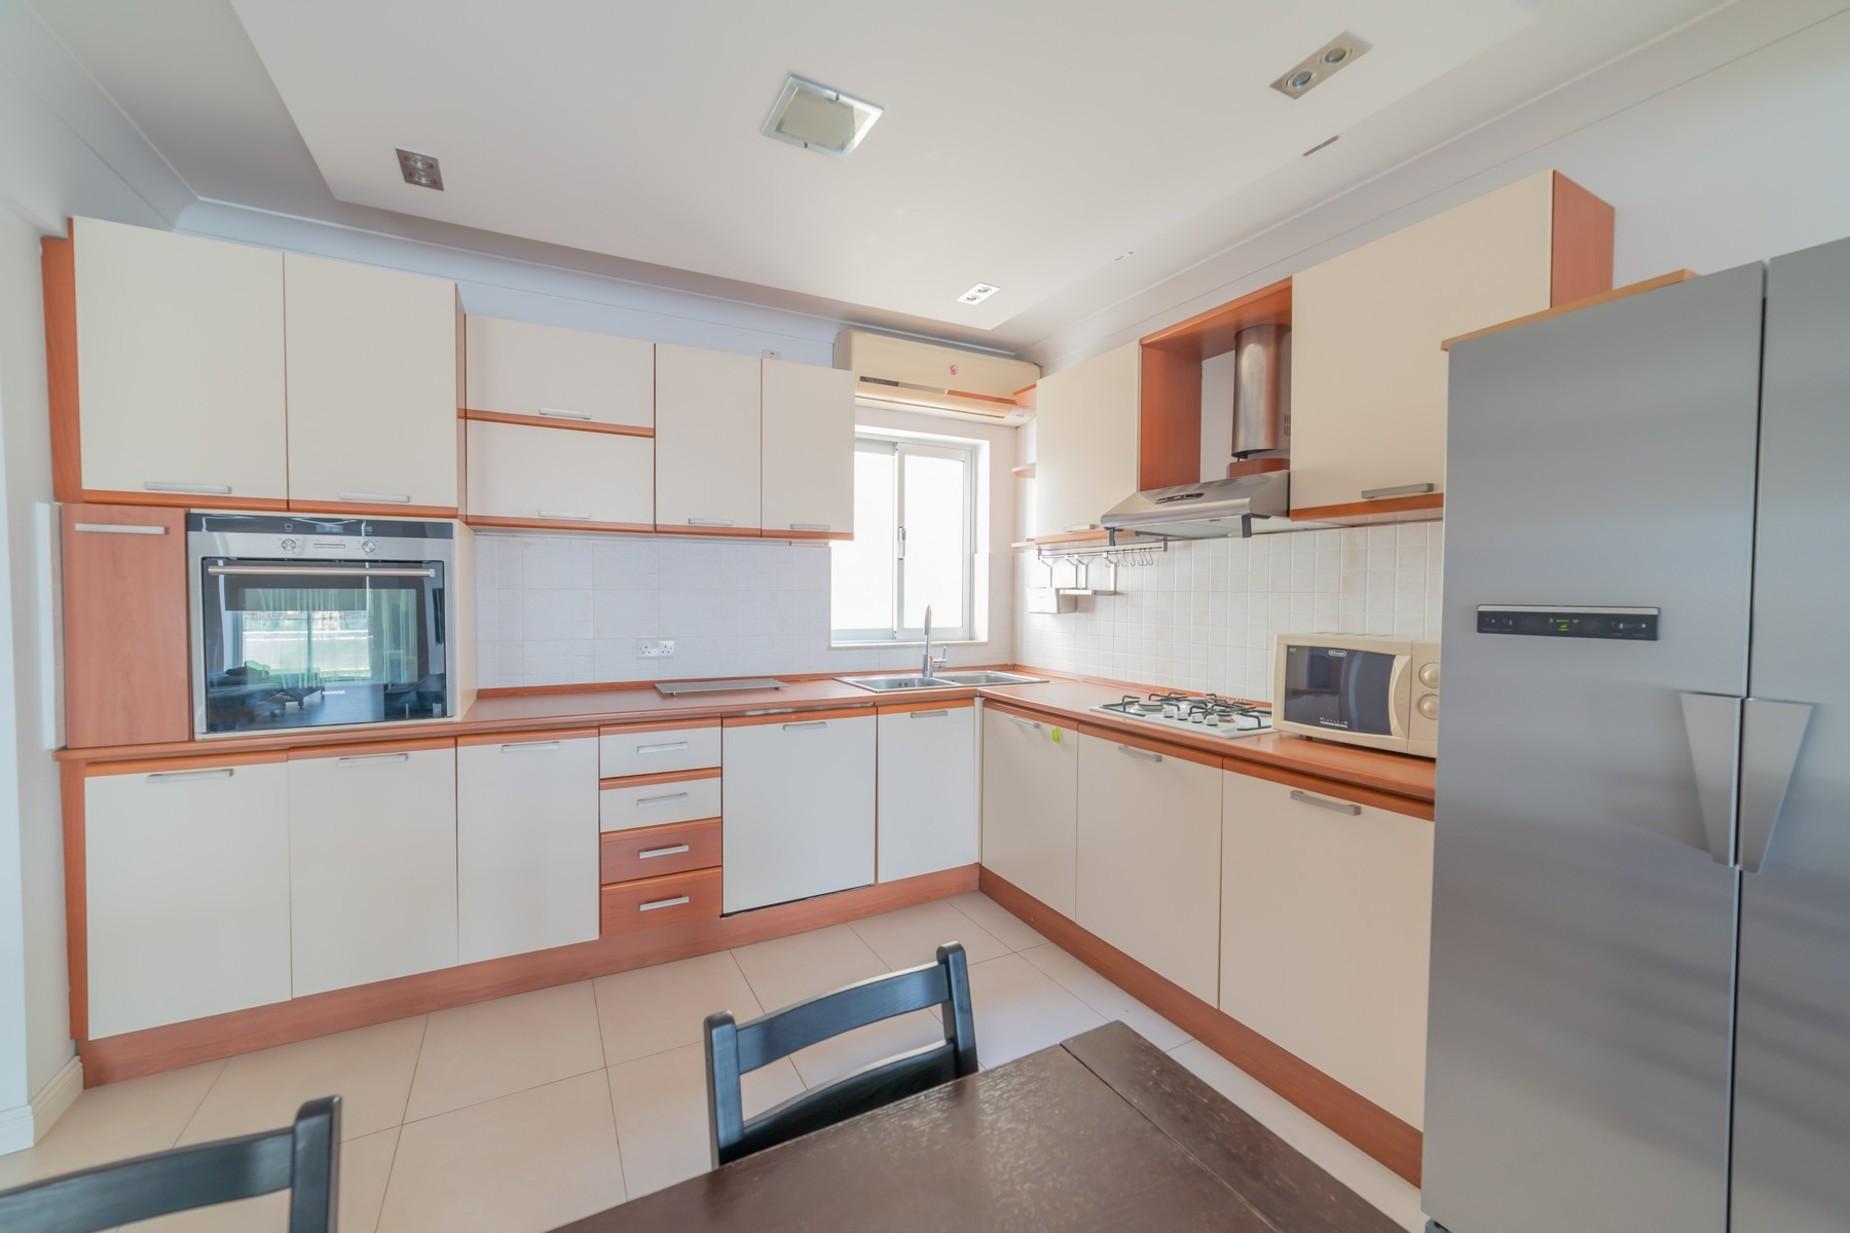 3 bed Apartment For Rent in Pieta, Pieta - thumb 7